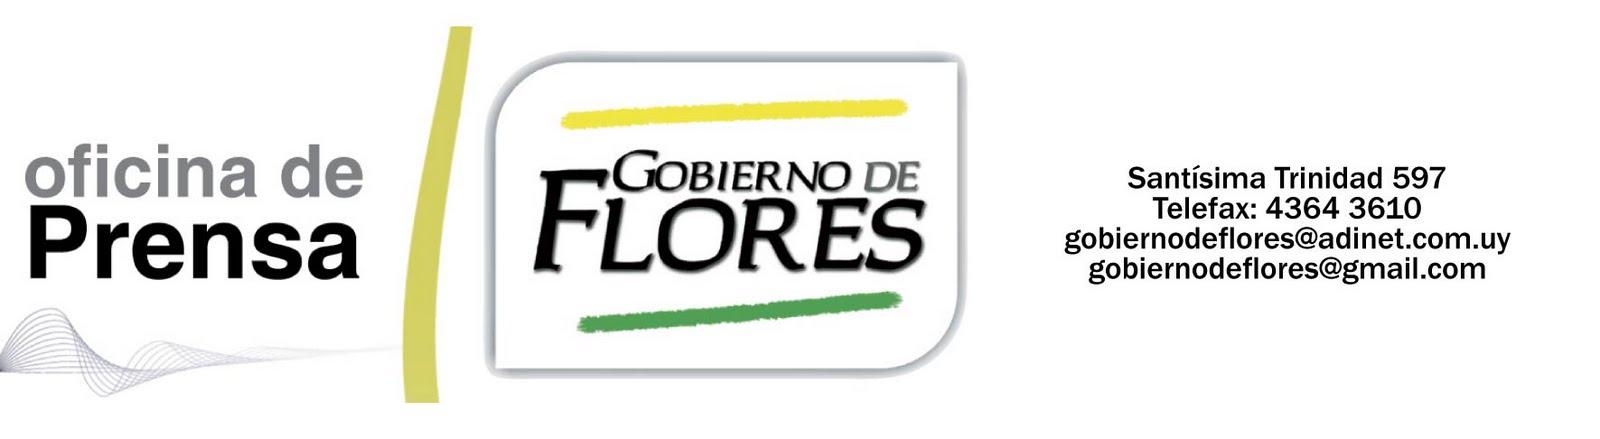 Oficina de Prensa del Gobierno de Flores